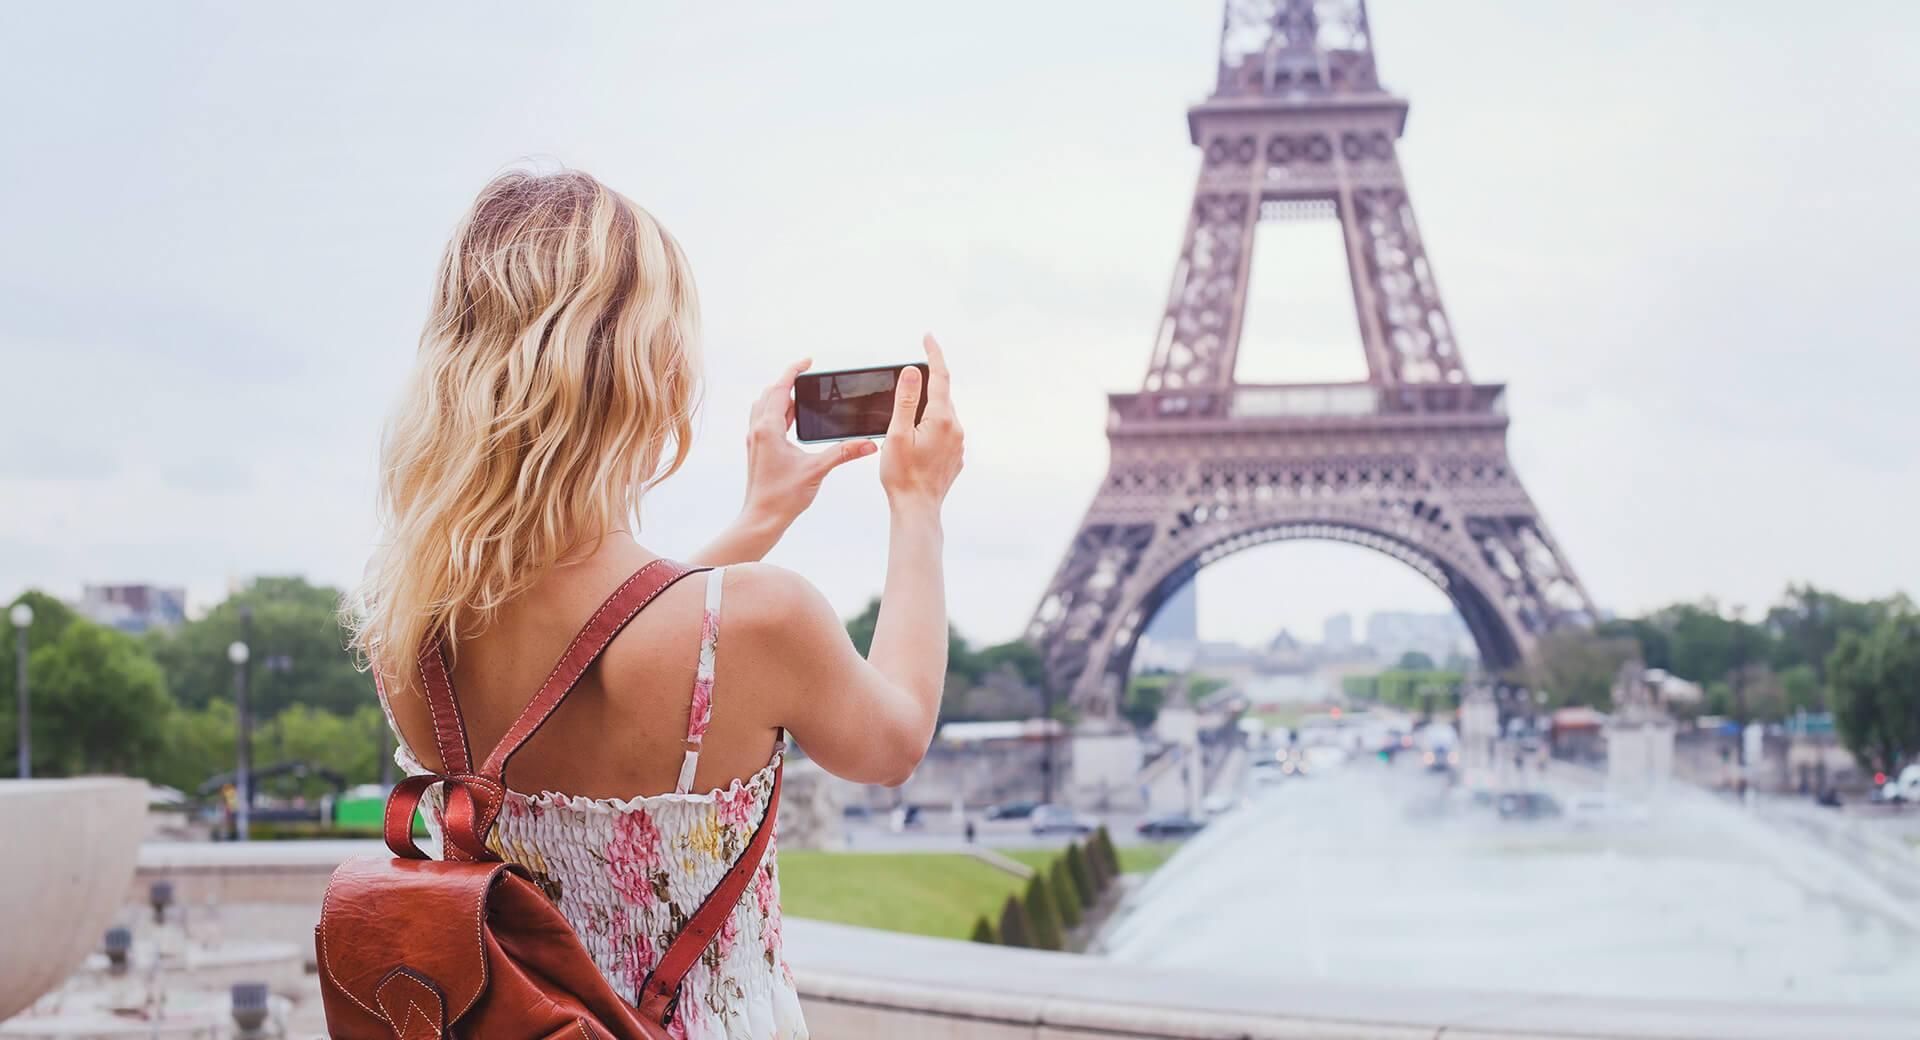 Обзорная экскурсия по Парижу (1 фото)